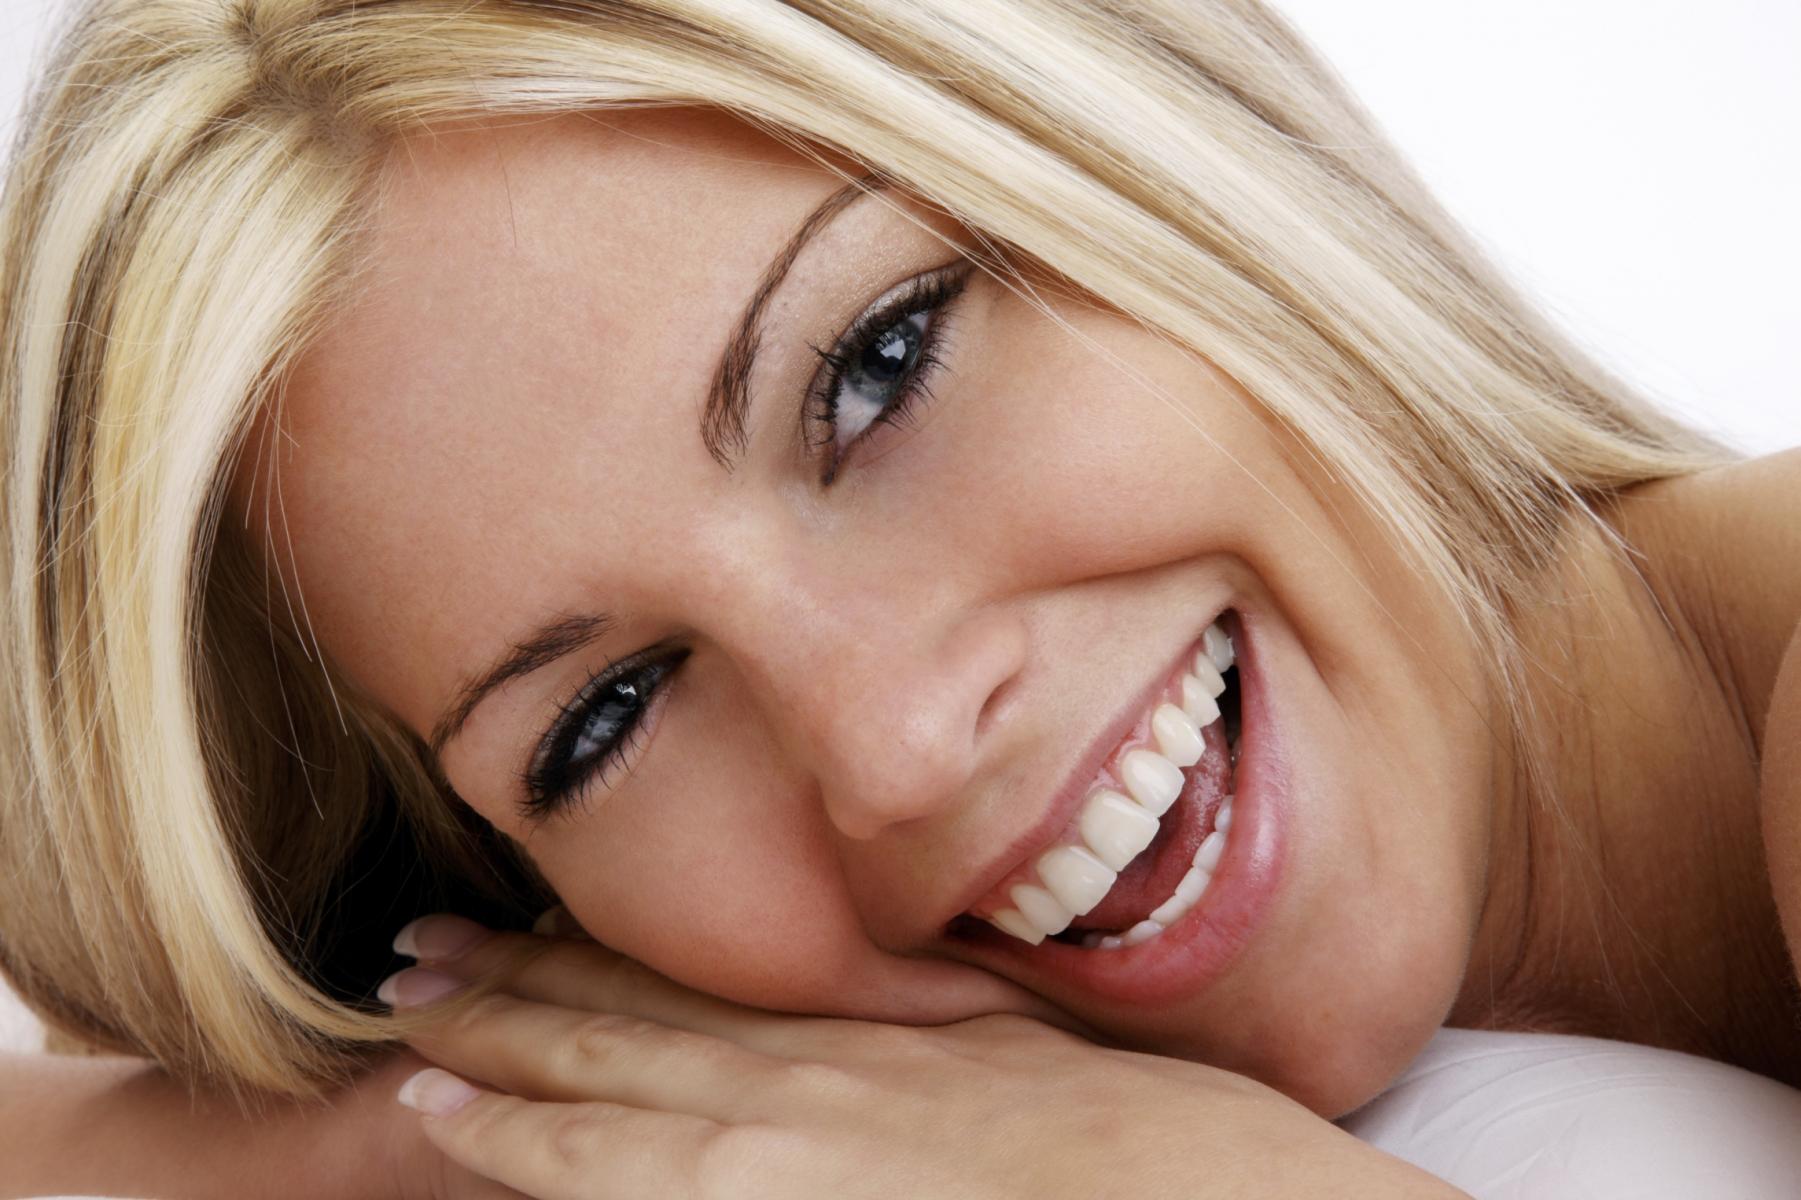 Dentista Andreea Cosic especialista en periodoncia